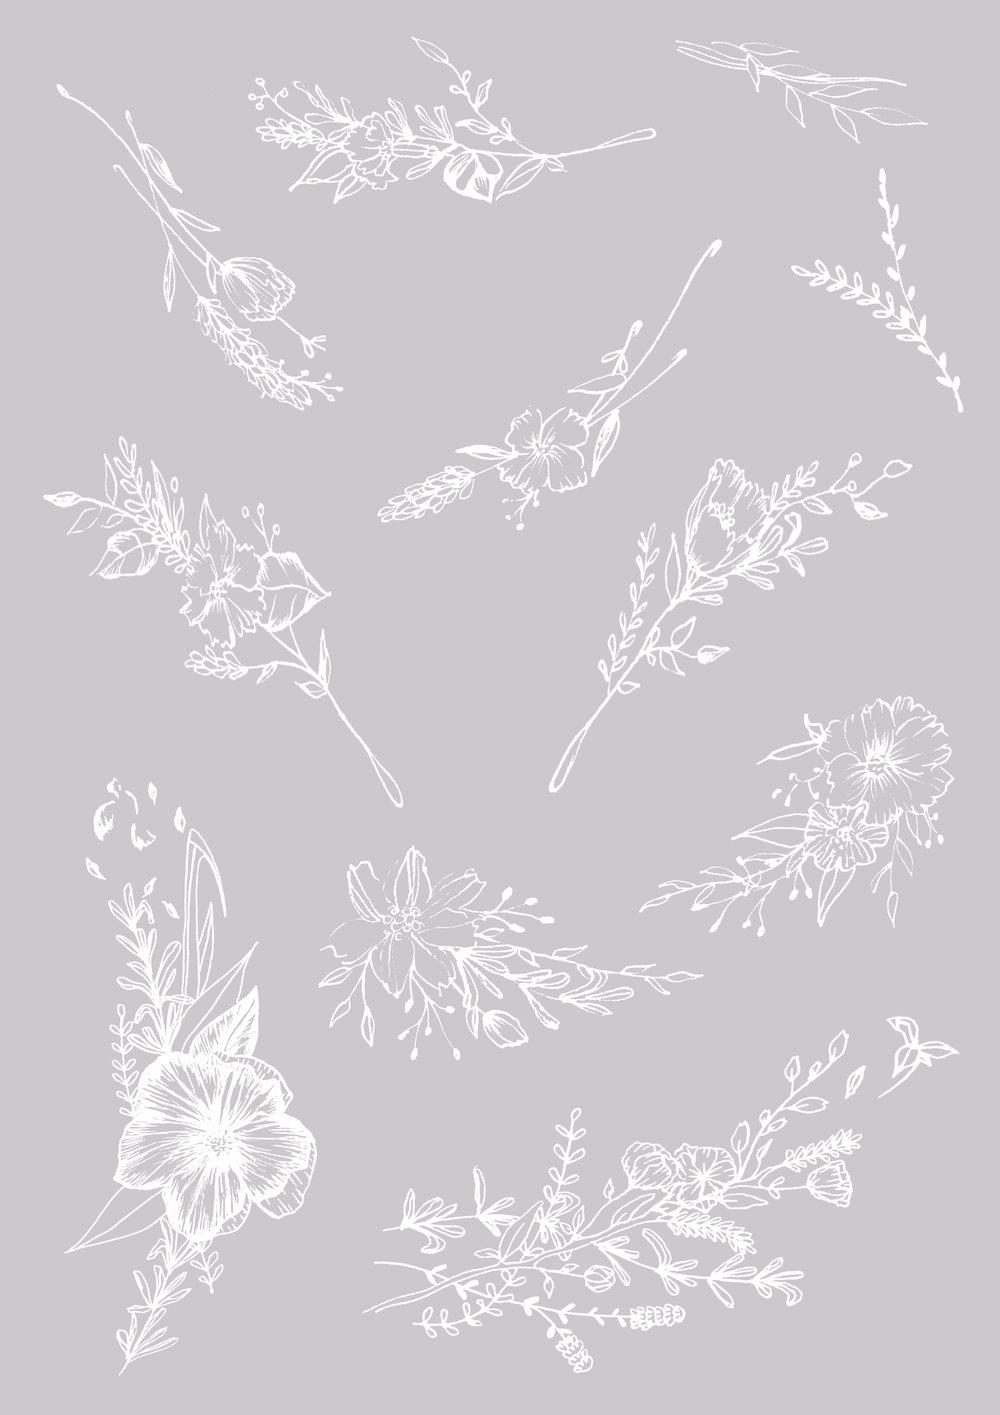 Tattoo flowers 2.jpg